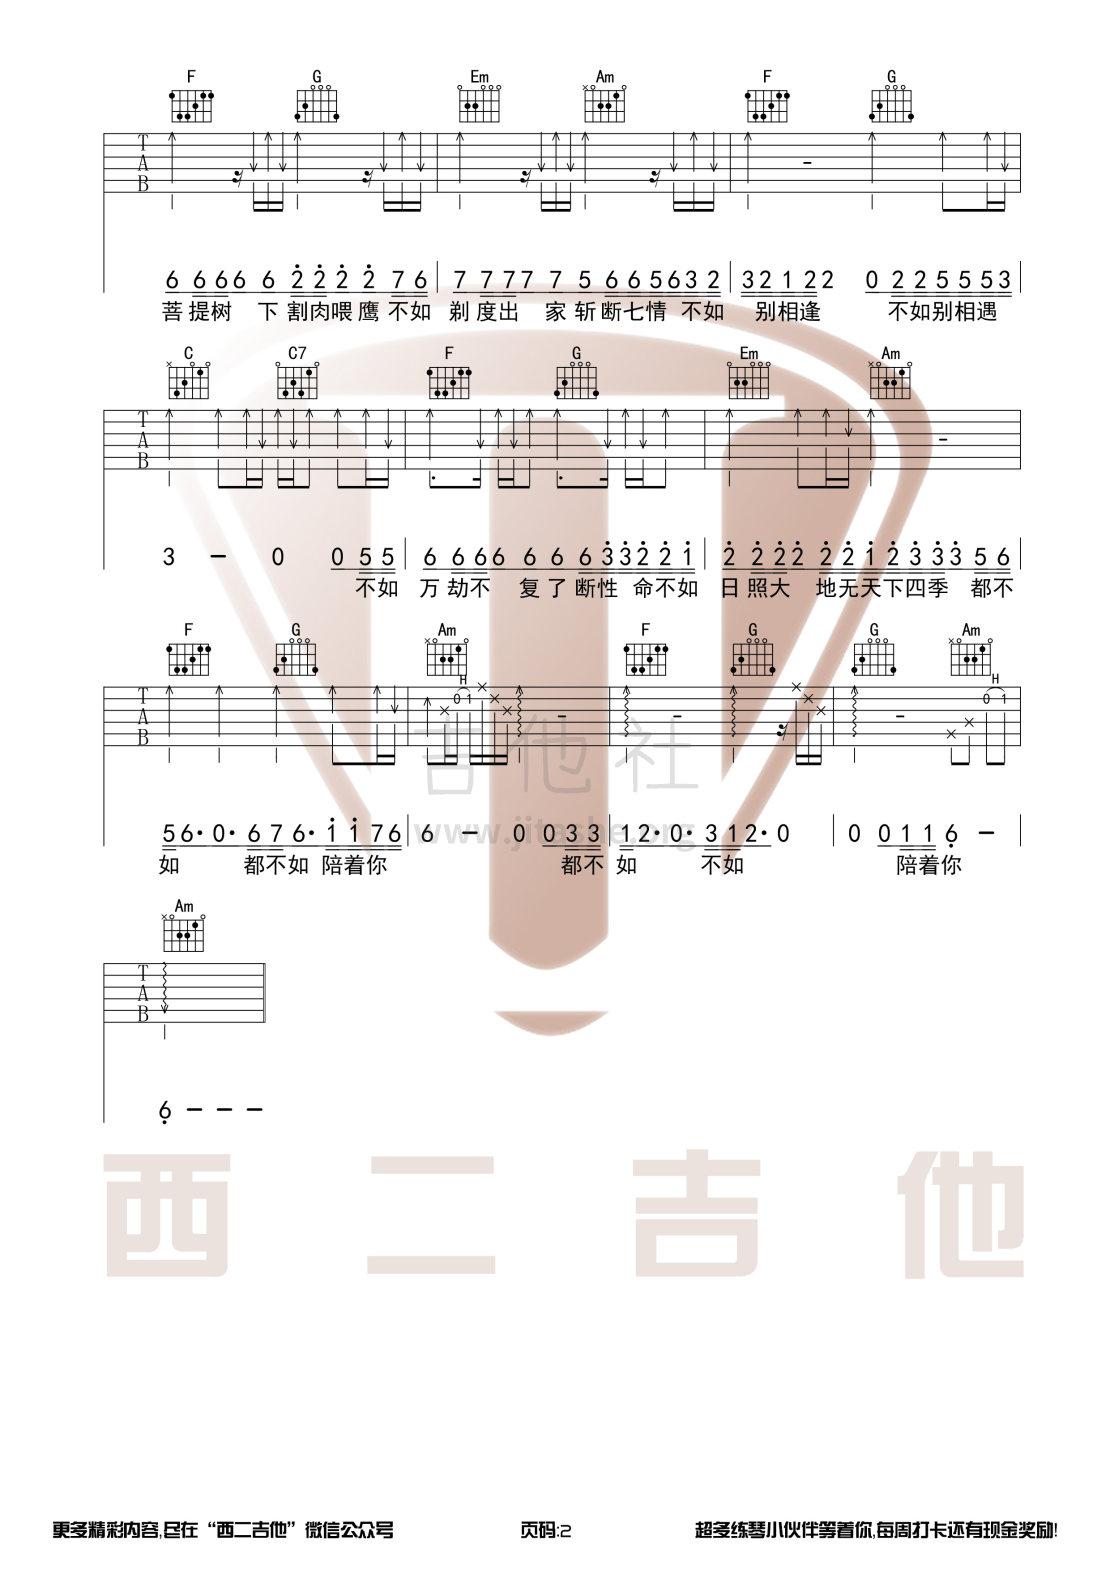 妓和不如吉他谱(图片谱,西二吉他,原版伴奏,民谣)_隔壁老樊_妓和不如2.jpg